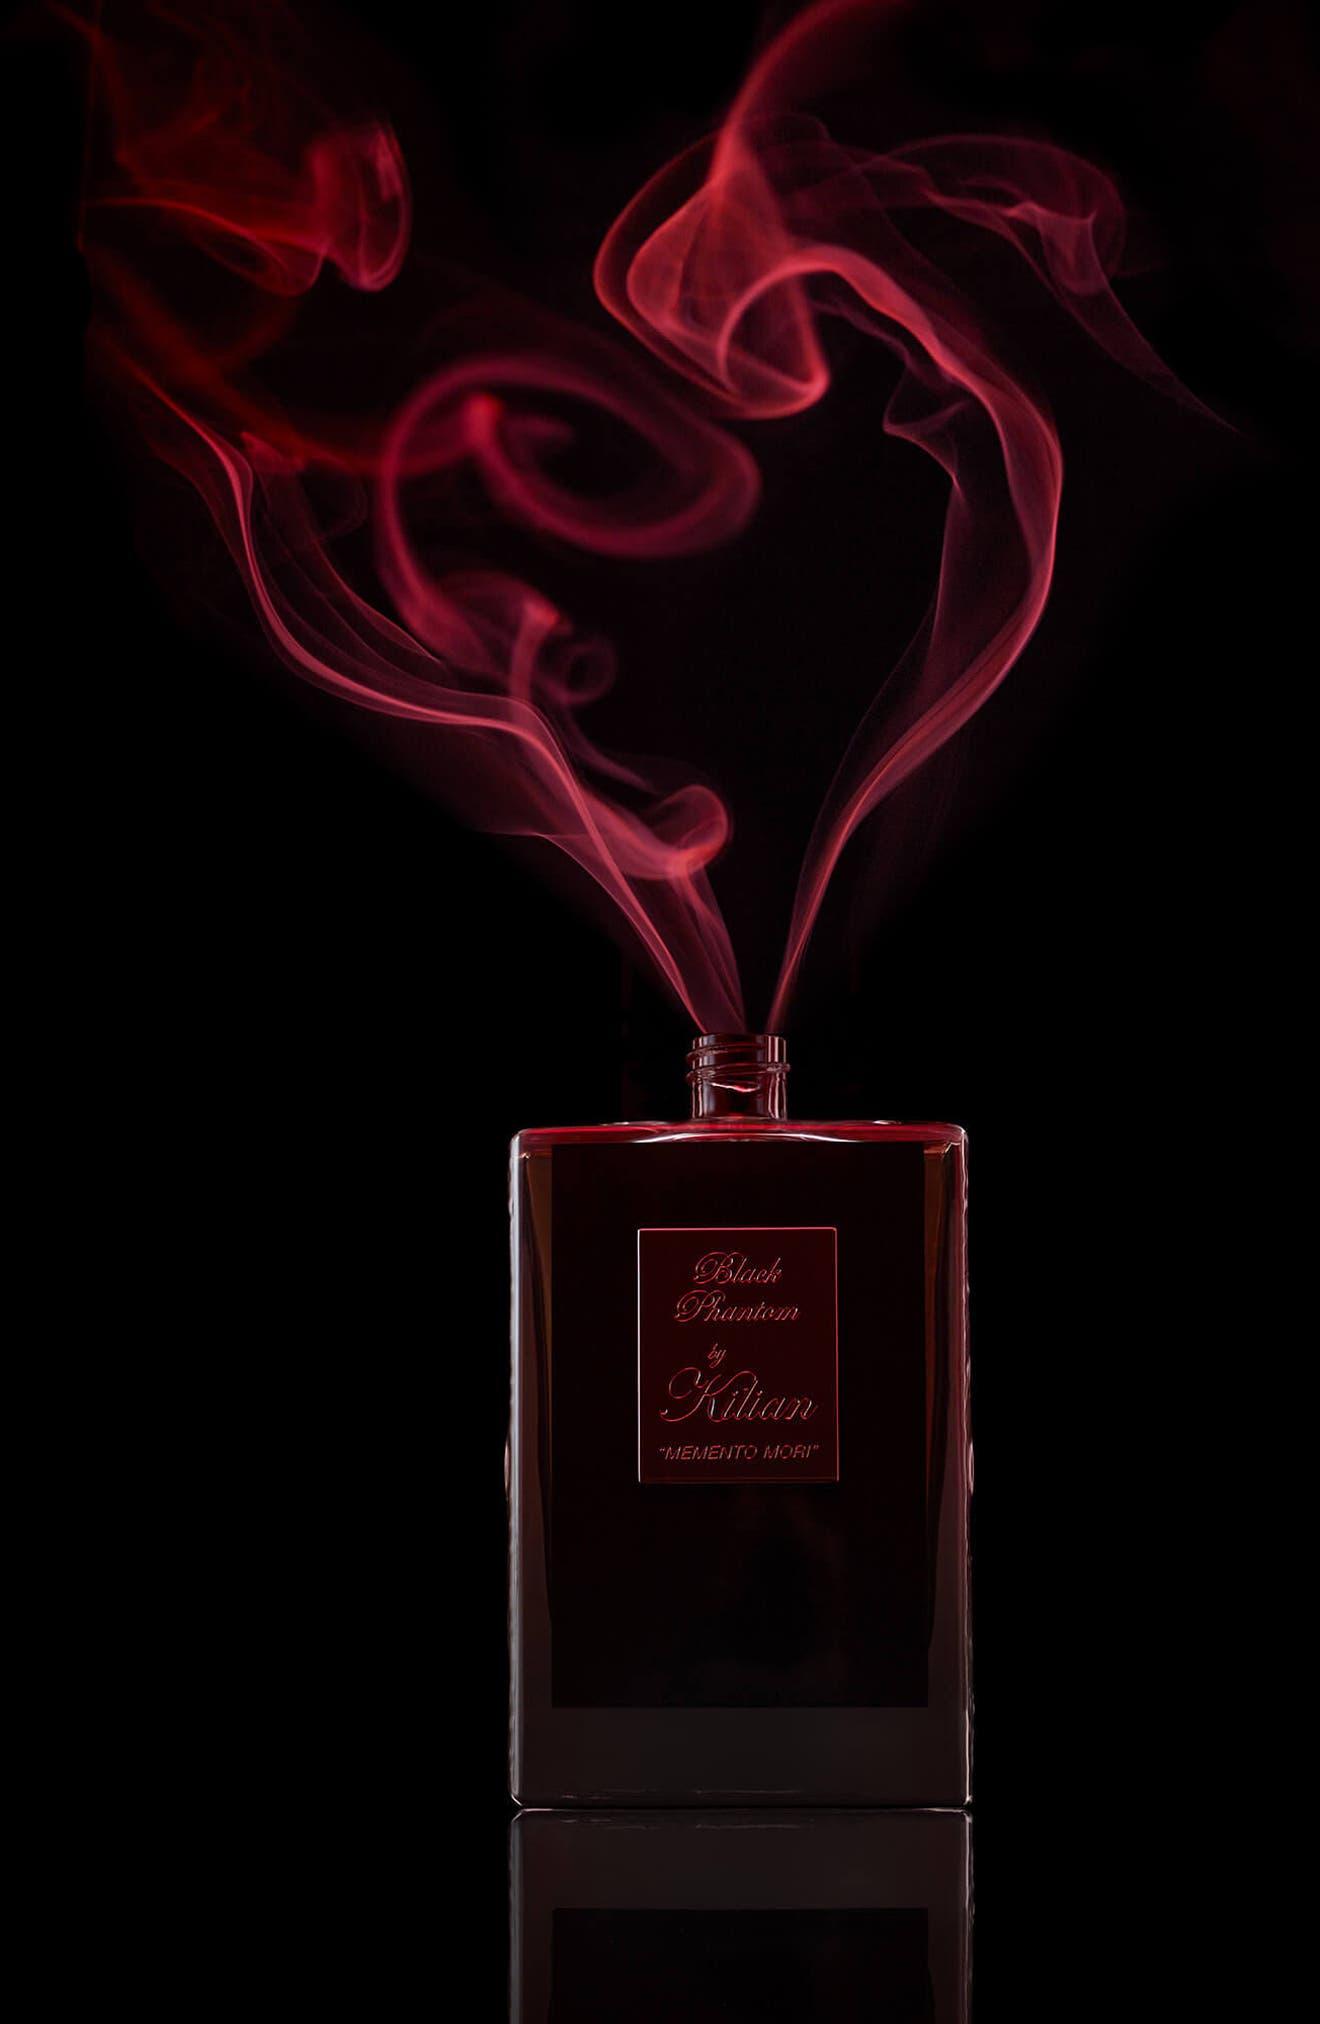 Black Phantom Memento Mori Eau de Parfum Refillable Spray,                             Alternate thumbnail 5, color,                             NO COLOR